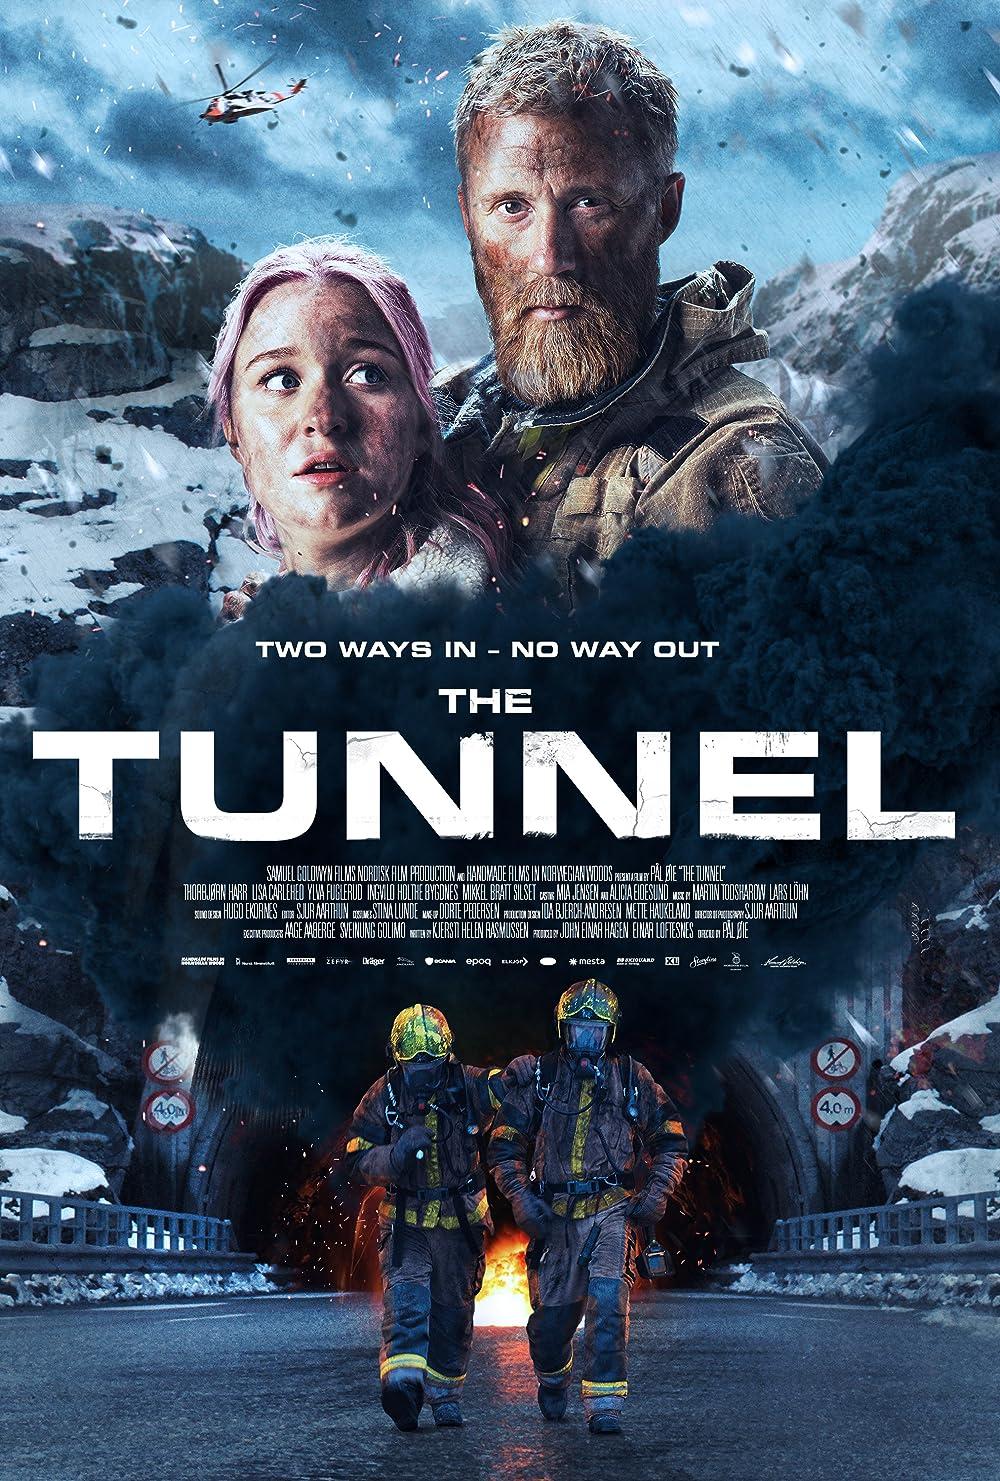 The Tunnel 2019 Hindi ORG Dual Audio 480p BluRay ESub 350MB x264 AAC